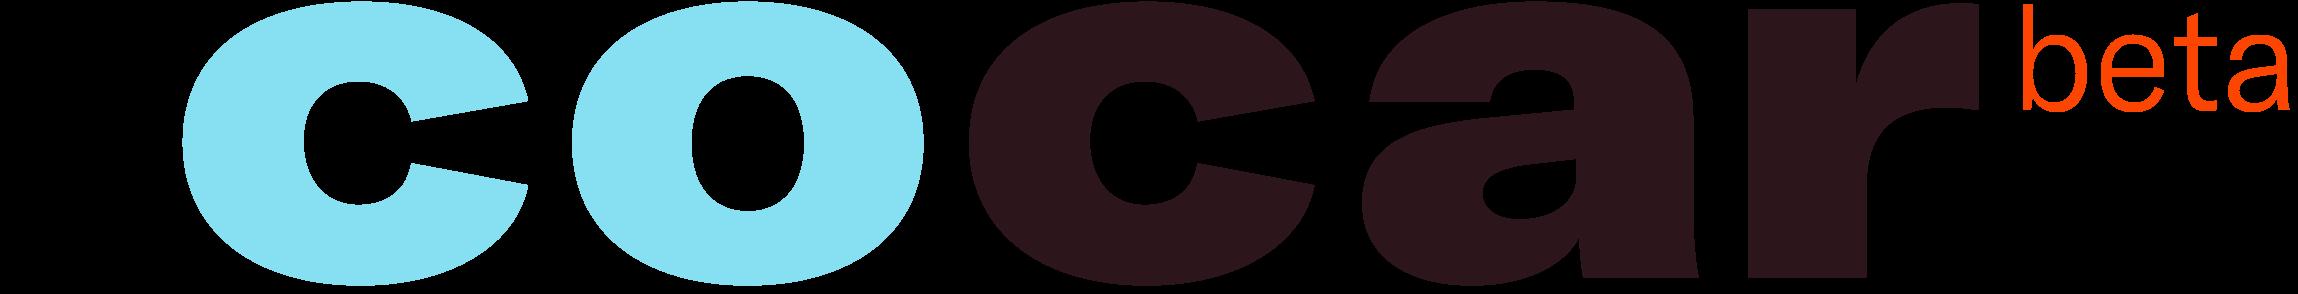 COCAR Logo beta2.png